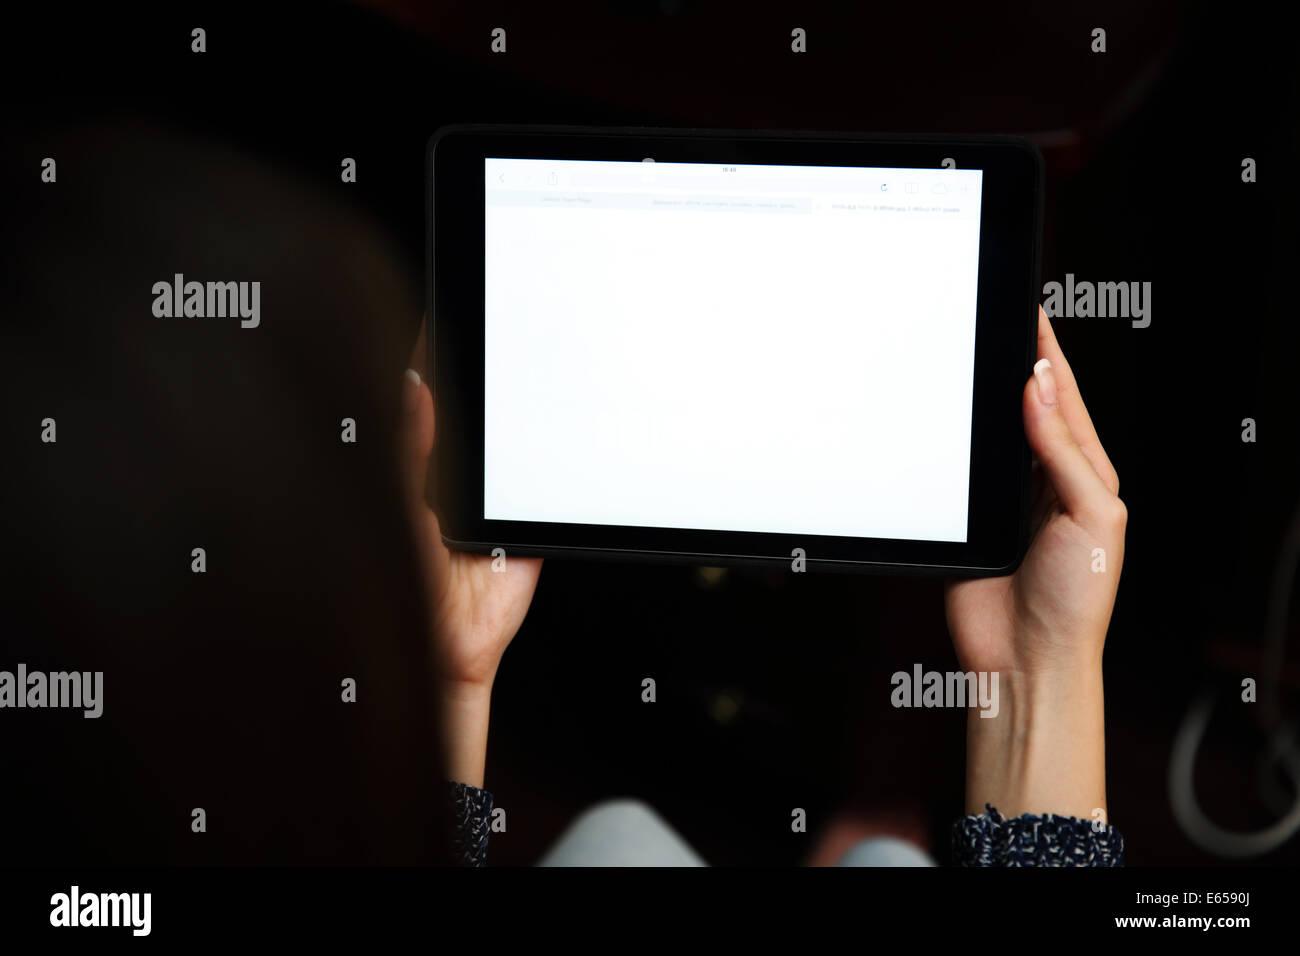 Vue arrière portrait of a woman holding tablet computer Photo Stock